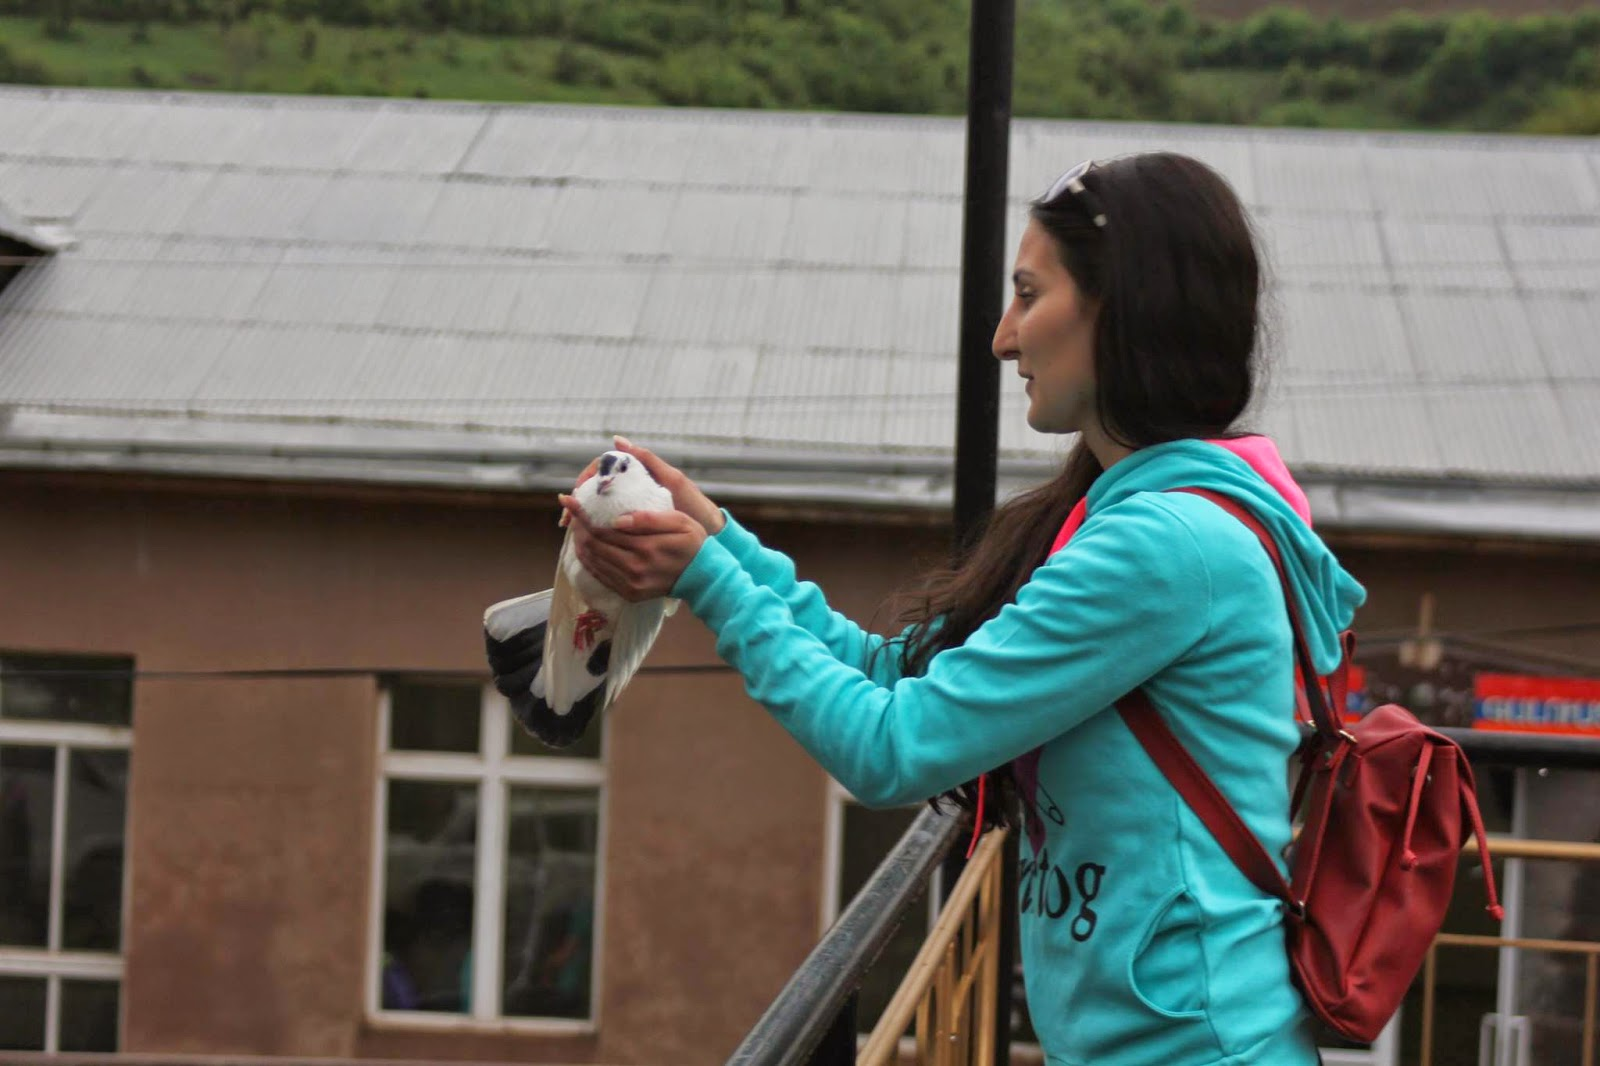 Լրագրող Հասմիկ Մելիքսեթյանն աղունիկ է թռցնում